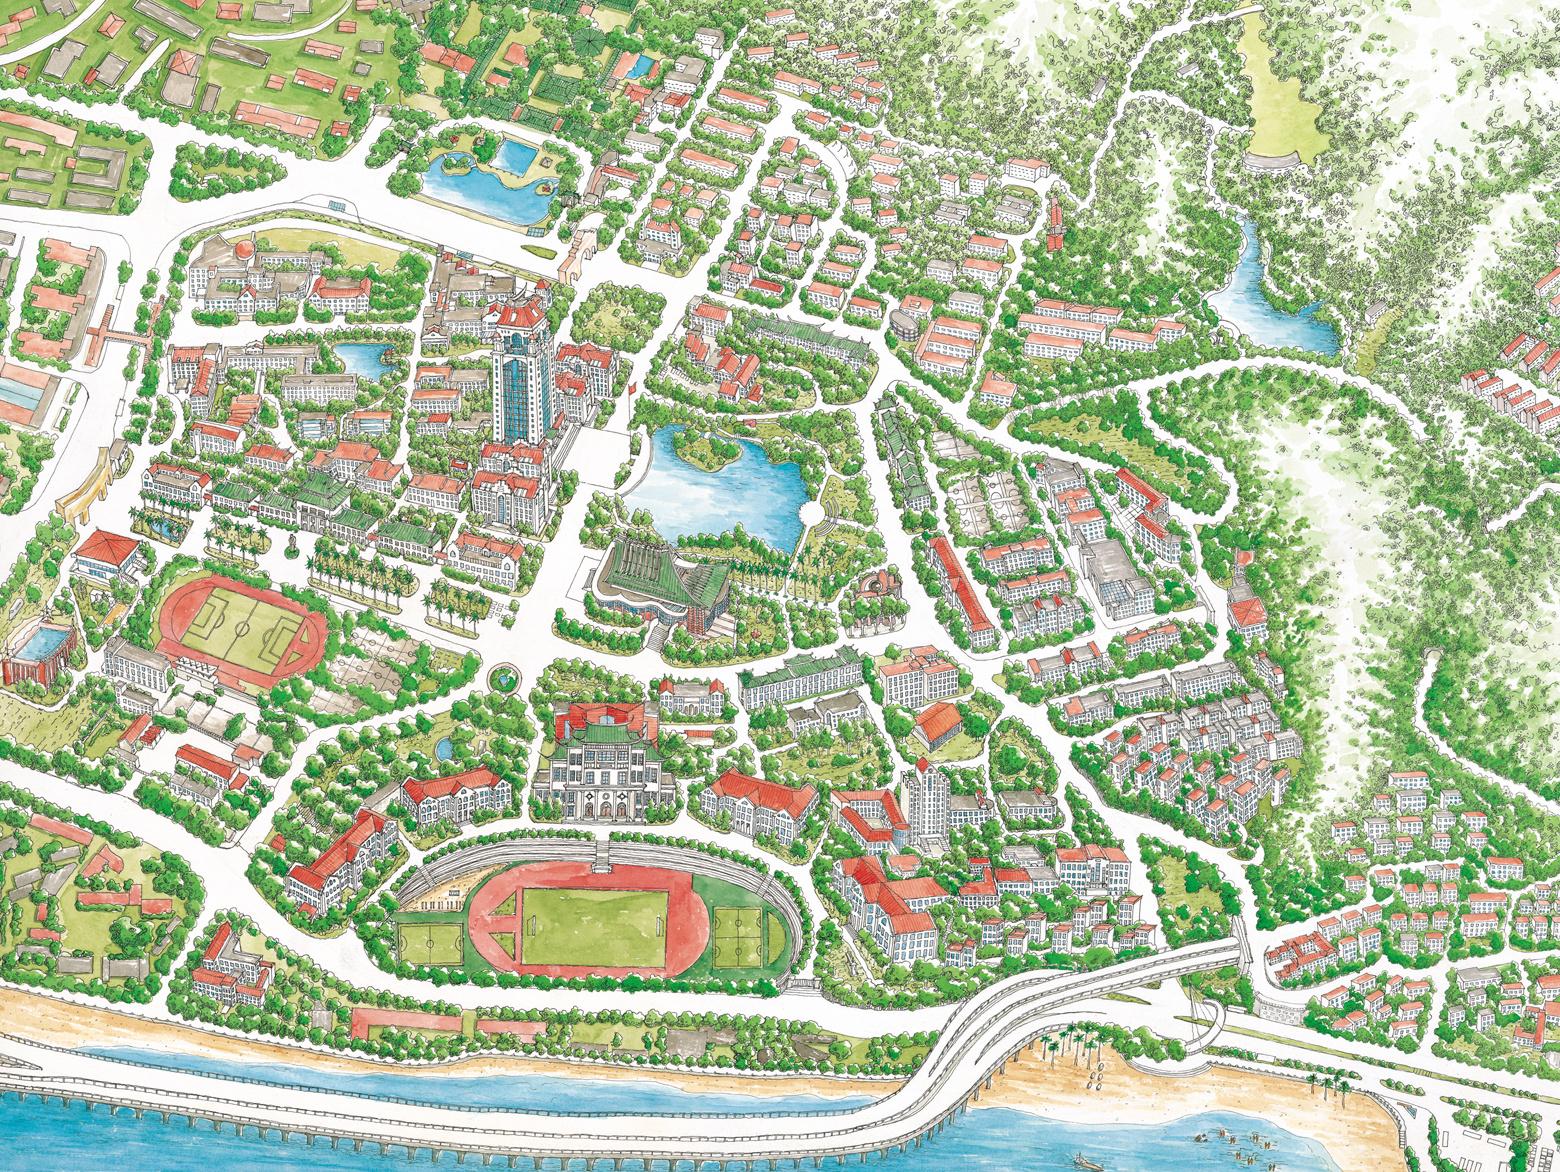 厦门手绘地图电子版-厦门地图旅游地图高清|厦门手绘